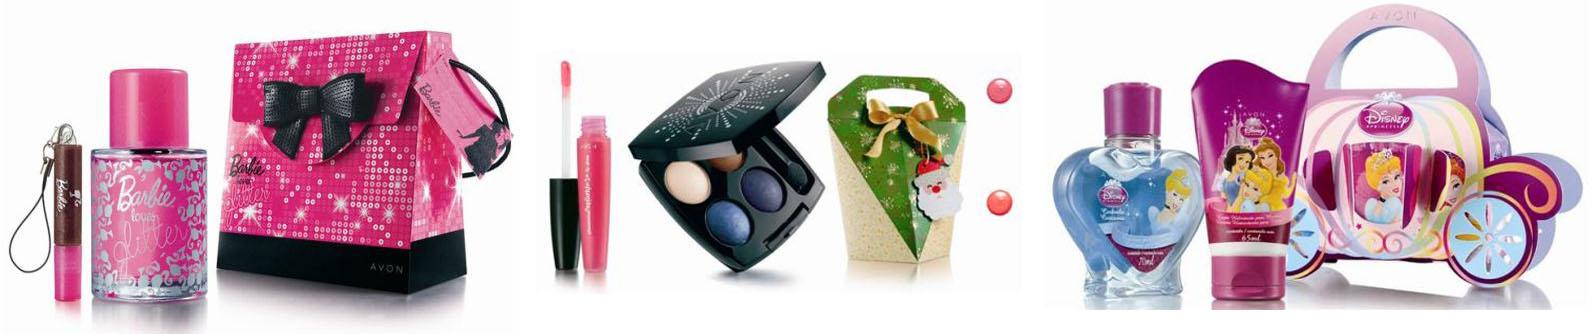 Natal Avon 2011: Celebrando sua noite feliz